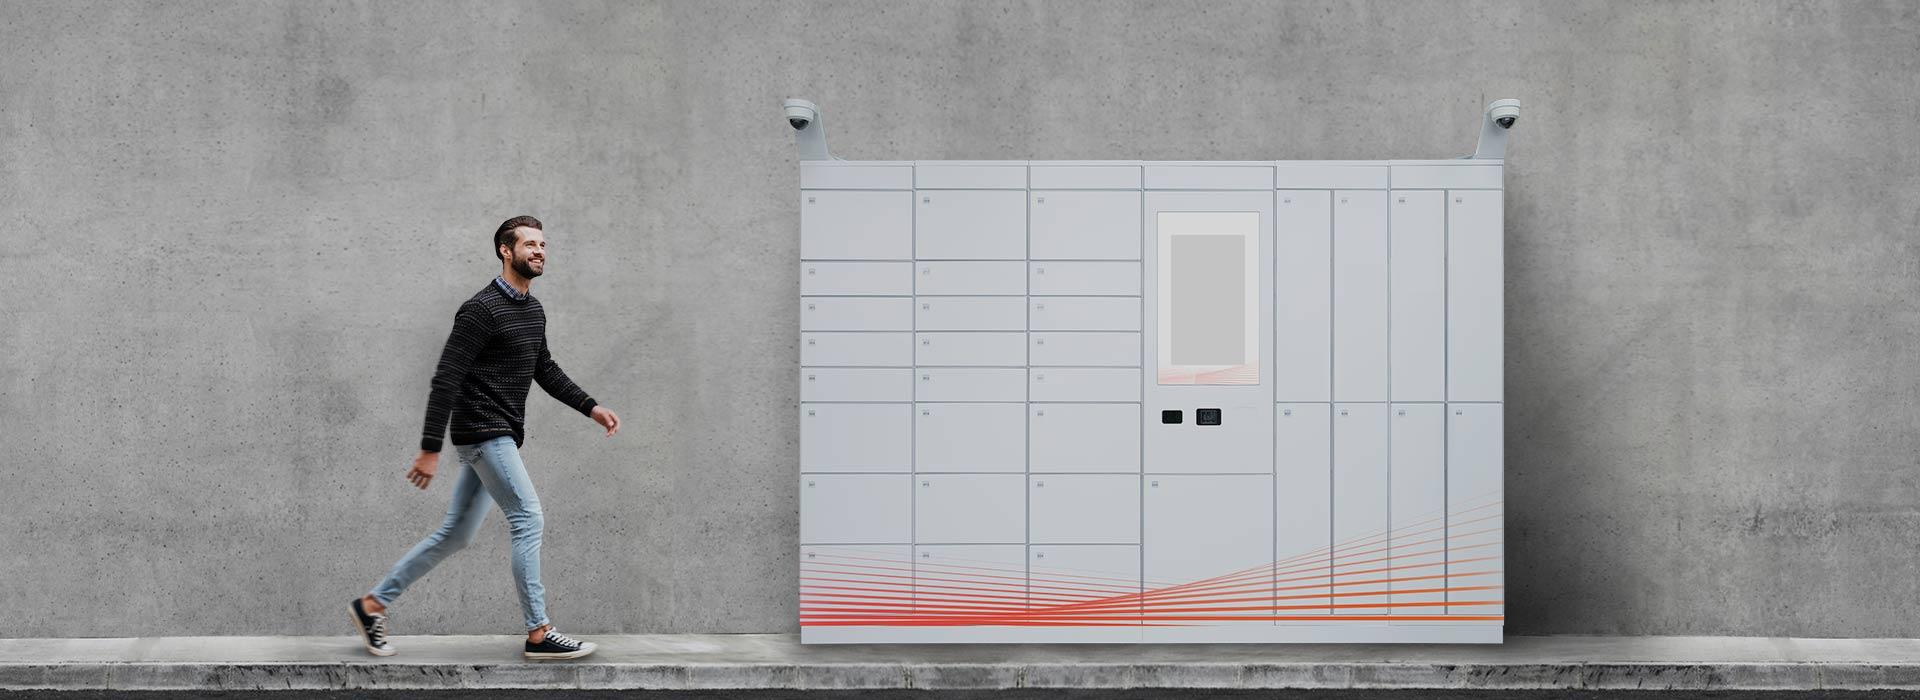 """Lo último en retail: los """"smarts lockers"""""""